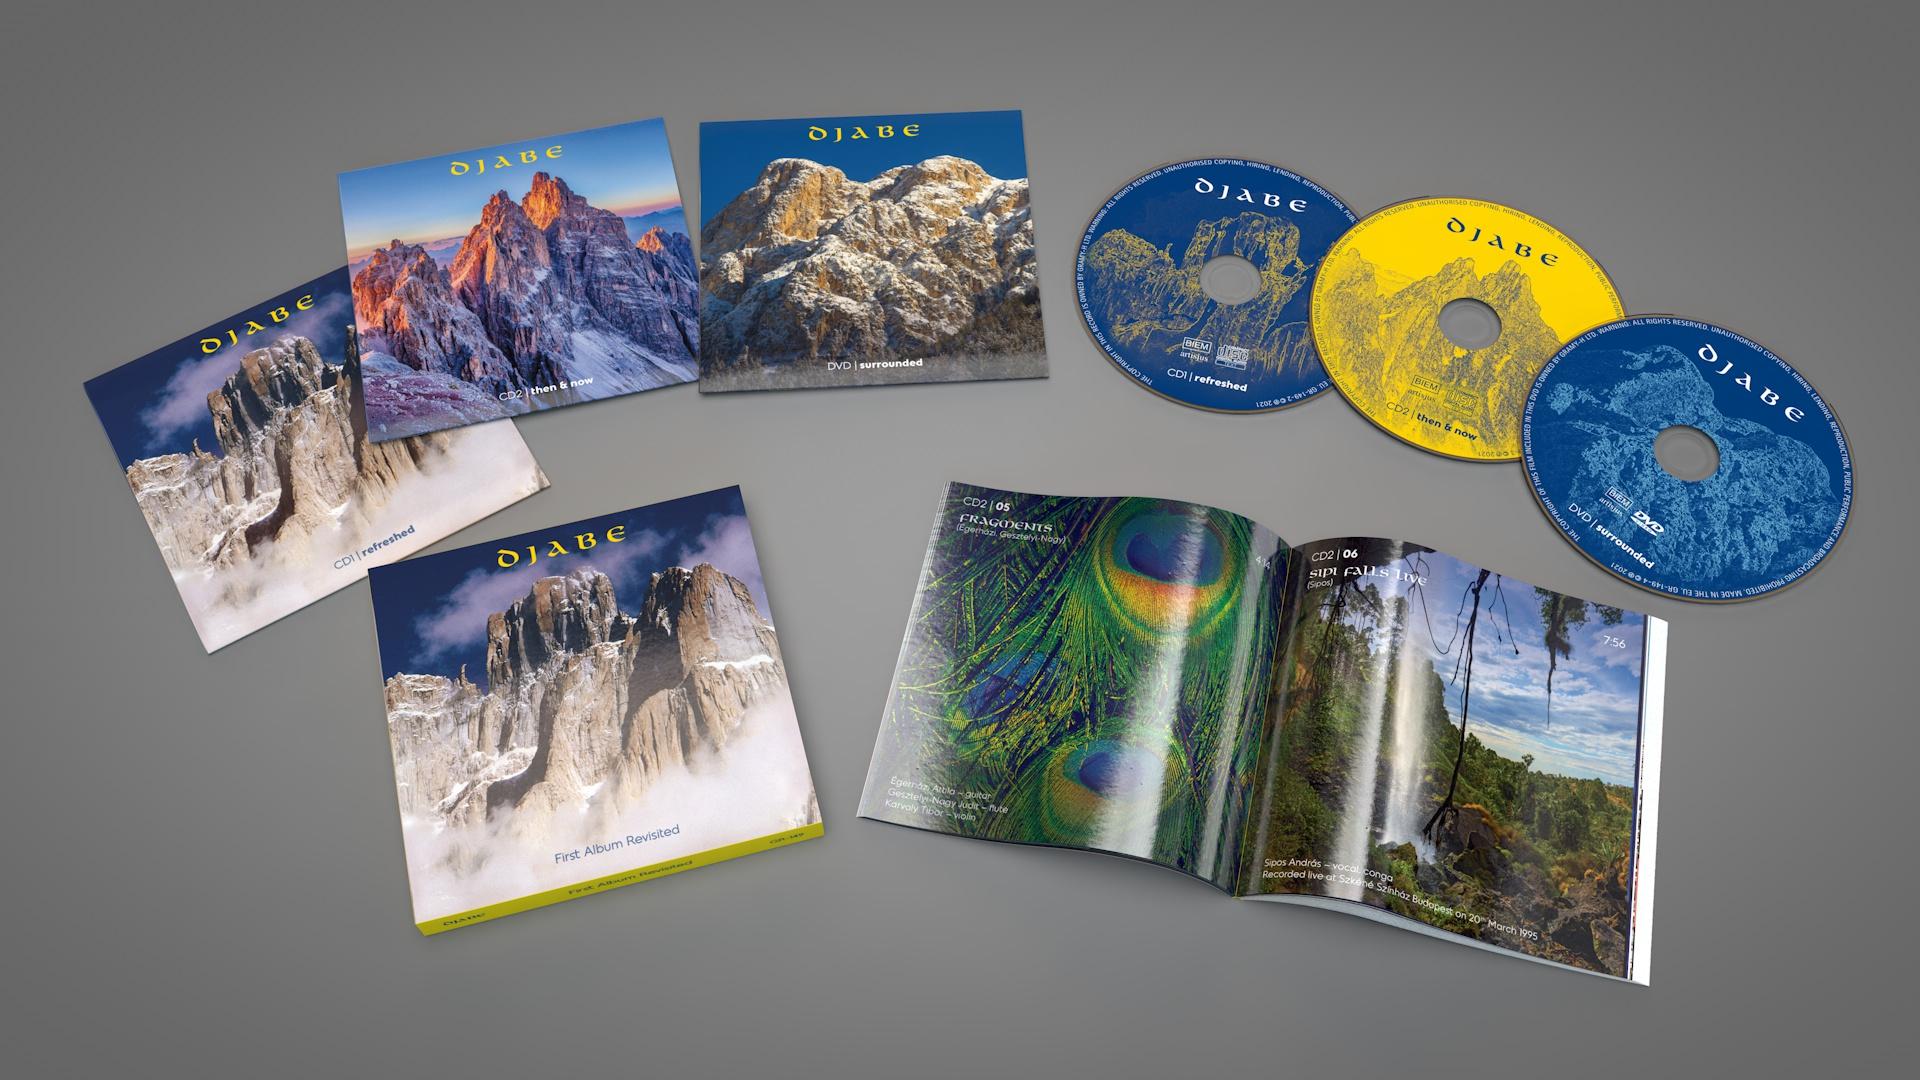 Djabe_First_Album_Revisited_3D_mockup_v1_4